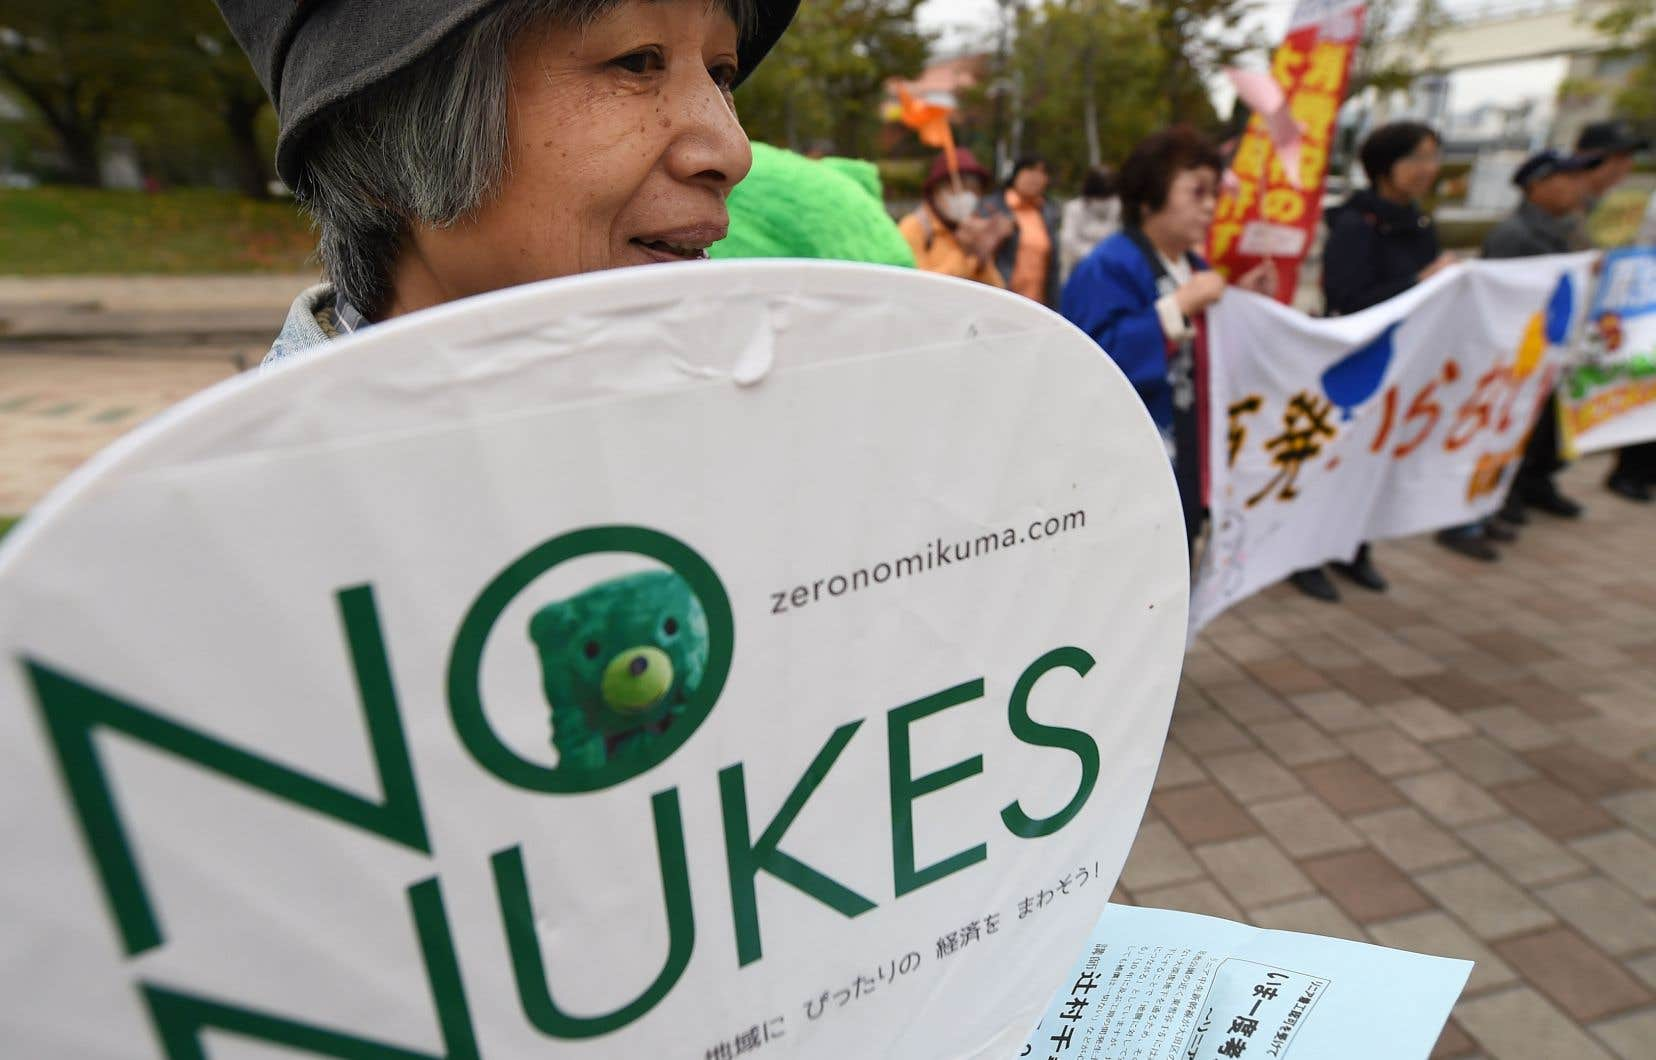 Des citoyens japonais s'opposent au redémarrage des centrales nucléaires dans leur pays. En novembre 2014, des manifestants ont protesté à Tokyo contre la réouverture de deux réacteurs, seulement trois ans après le désastre de Fukushima.